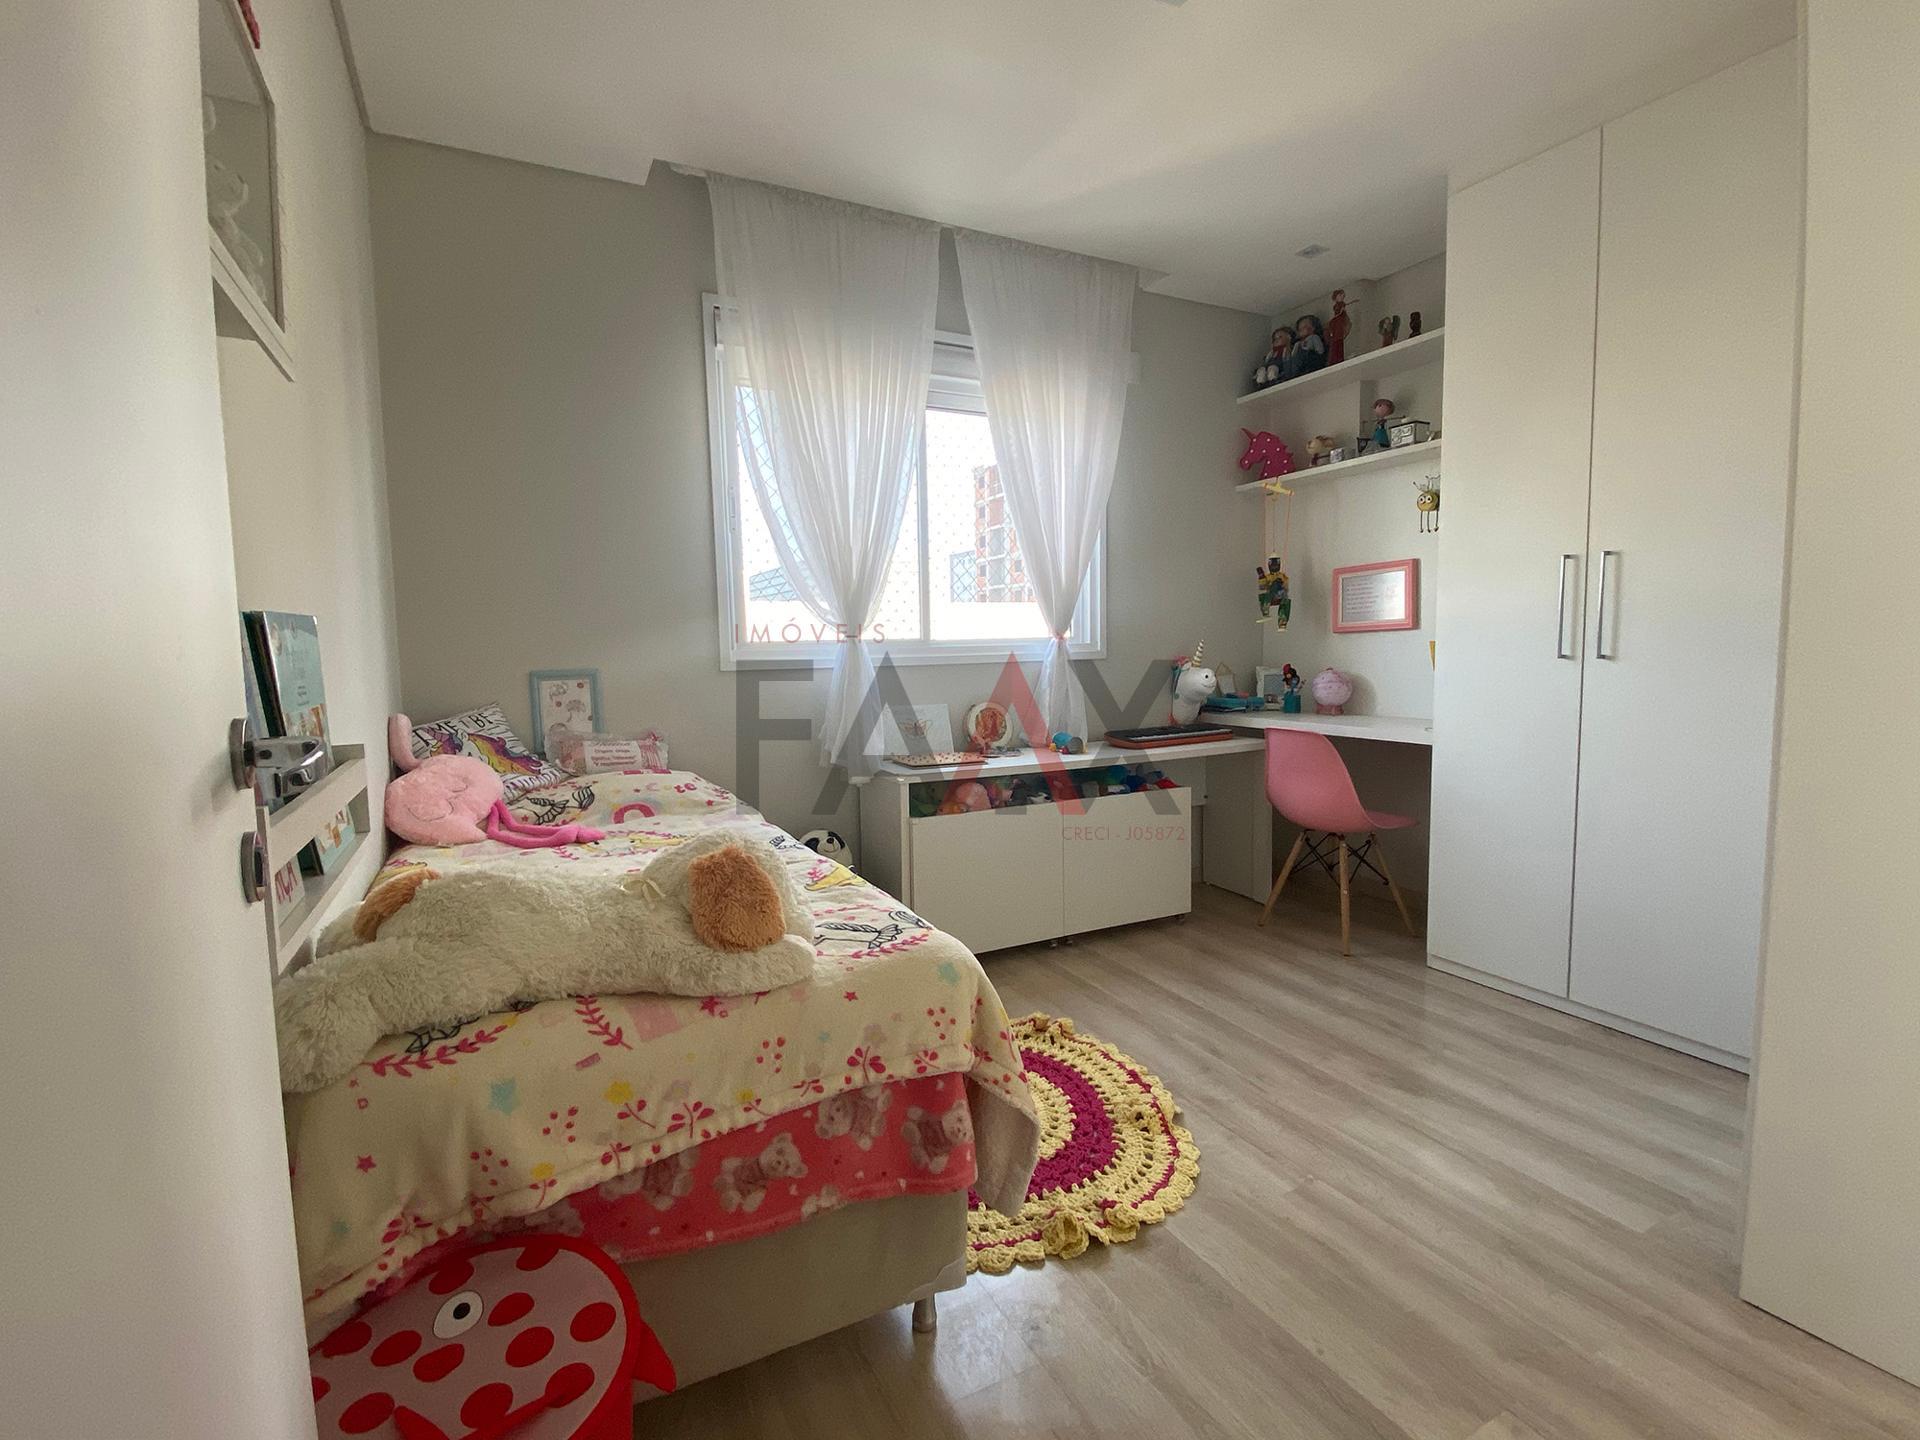 Apartamento mobiliado à venda, SANTA CRUZ, GUARAPUAVA - PR